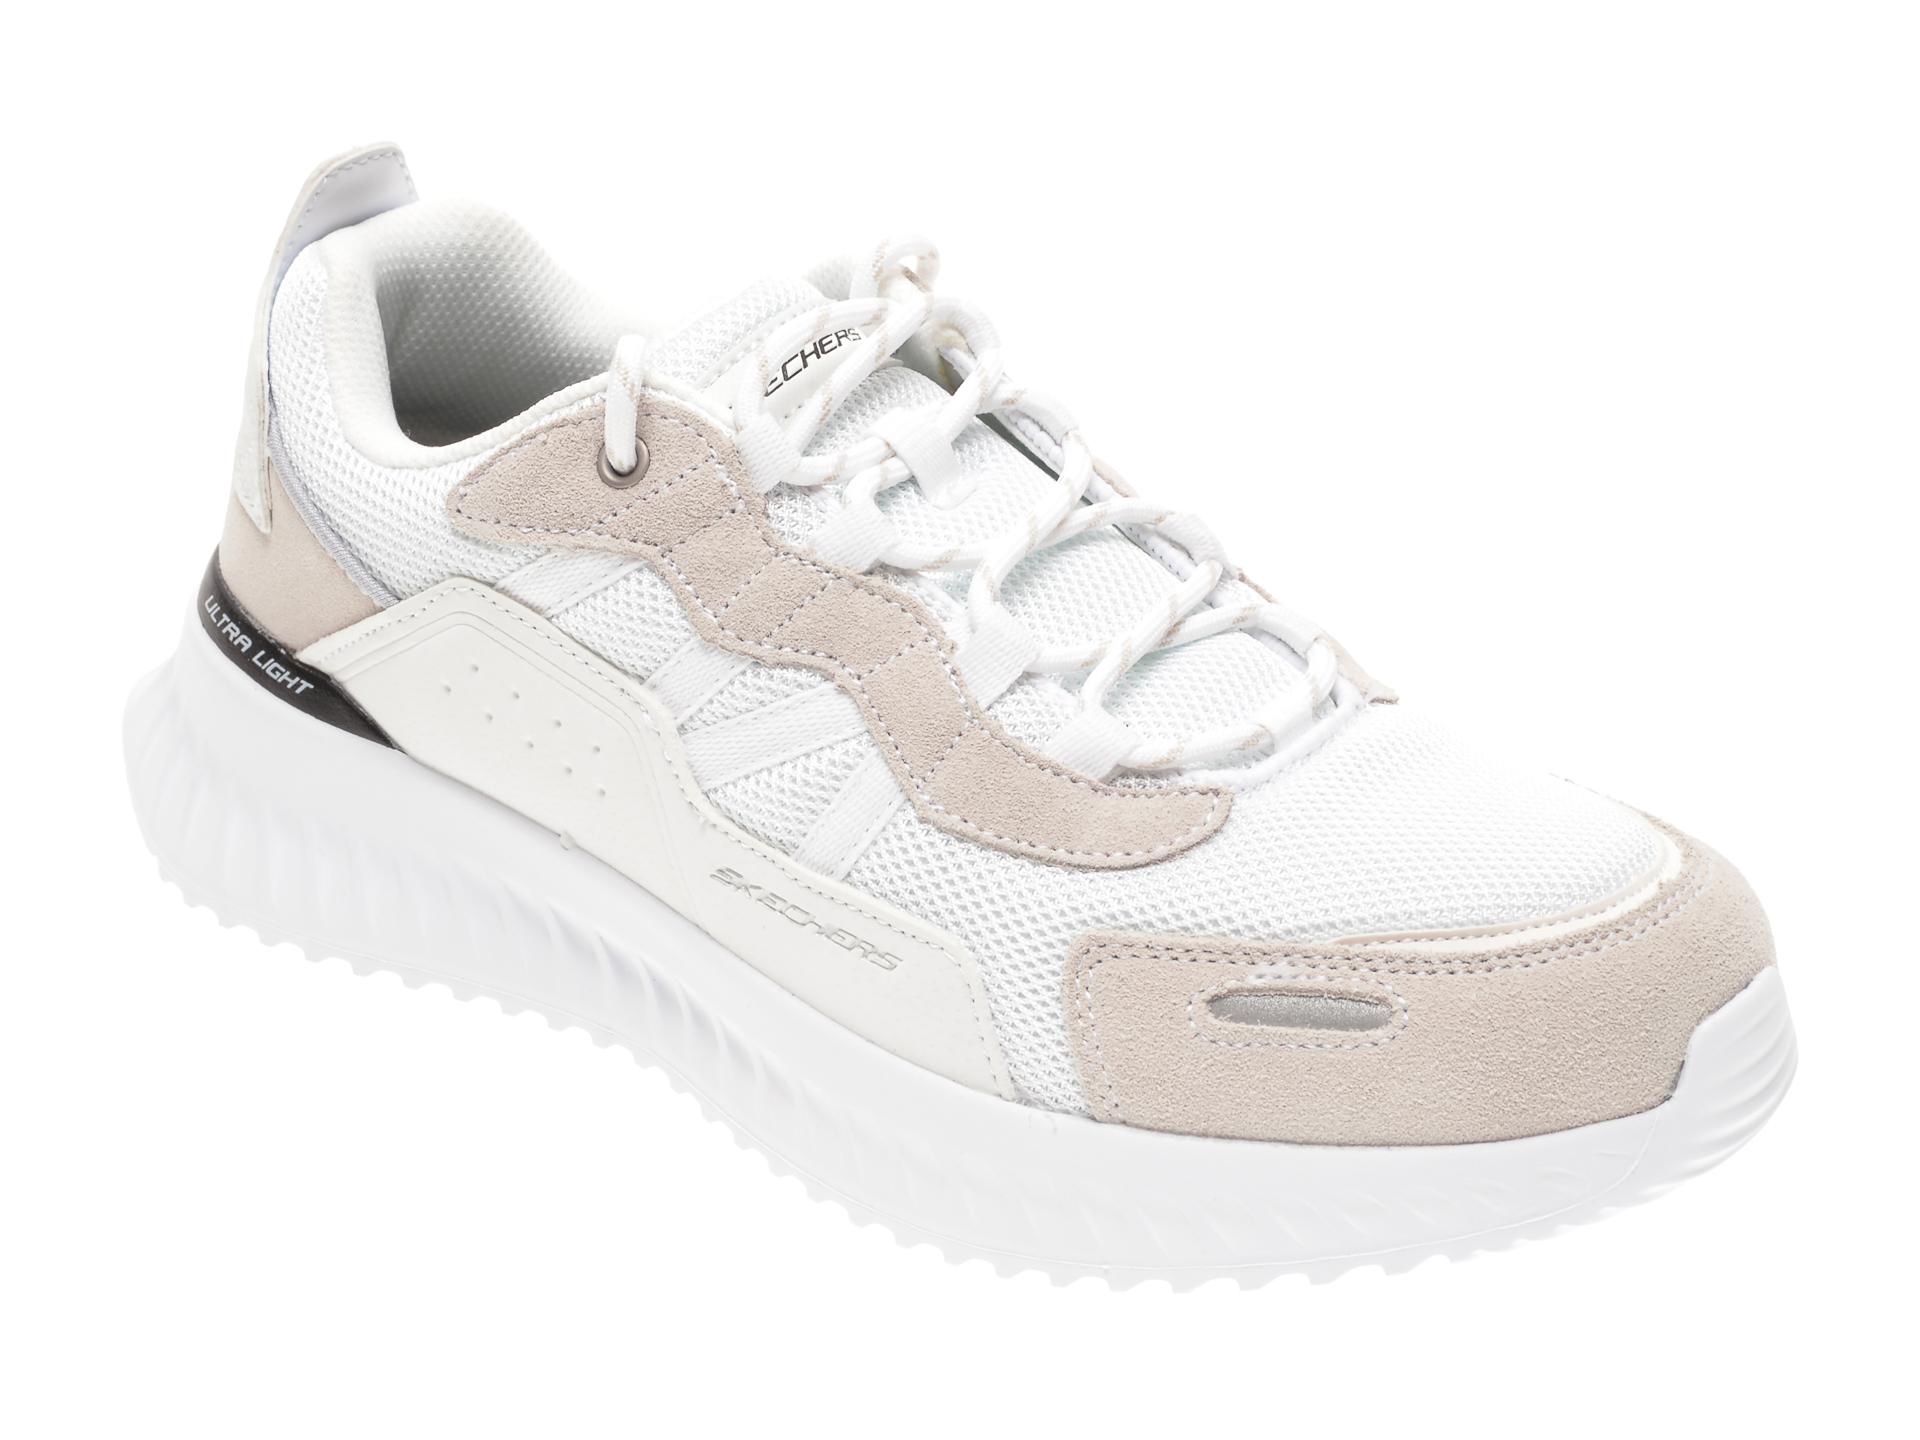 Pantofi sport SKECHERS albi, MATERA 2.0 XIMINO, din material textil si piele naturala imagine